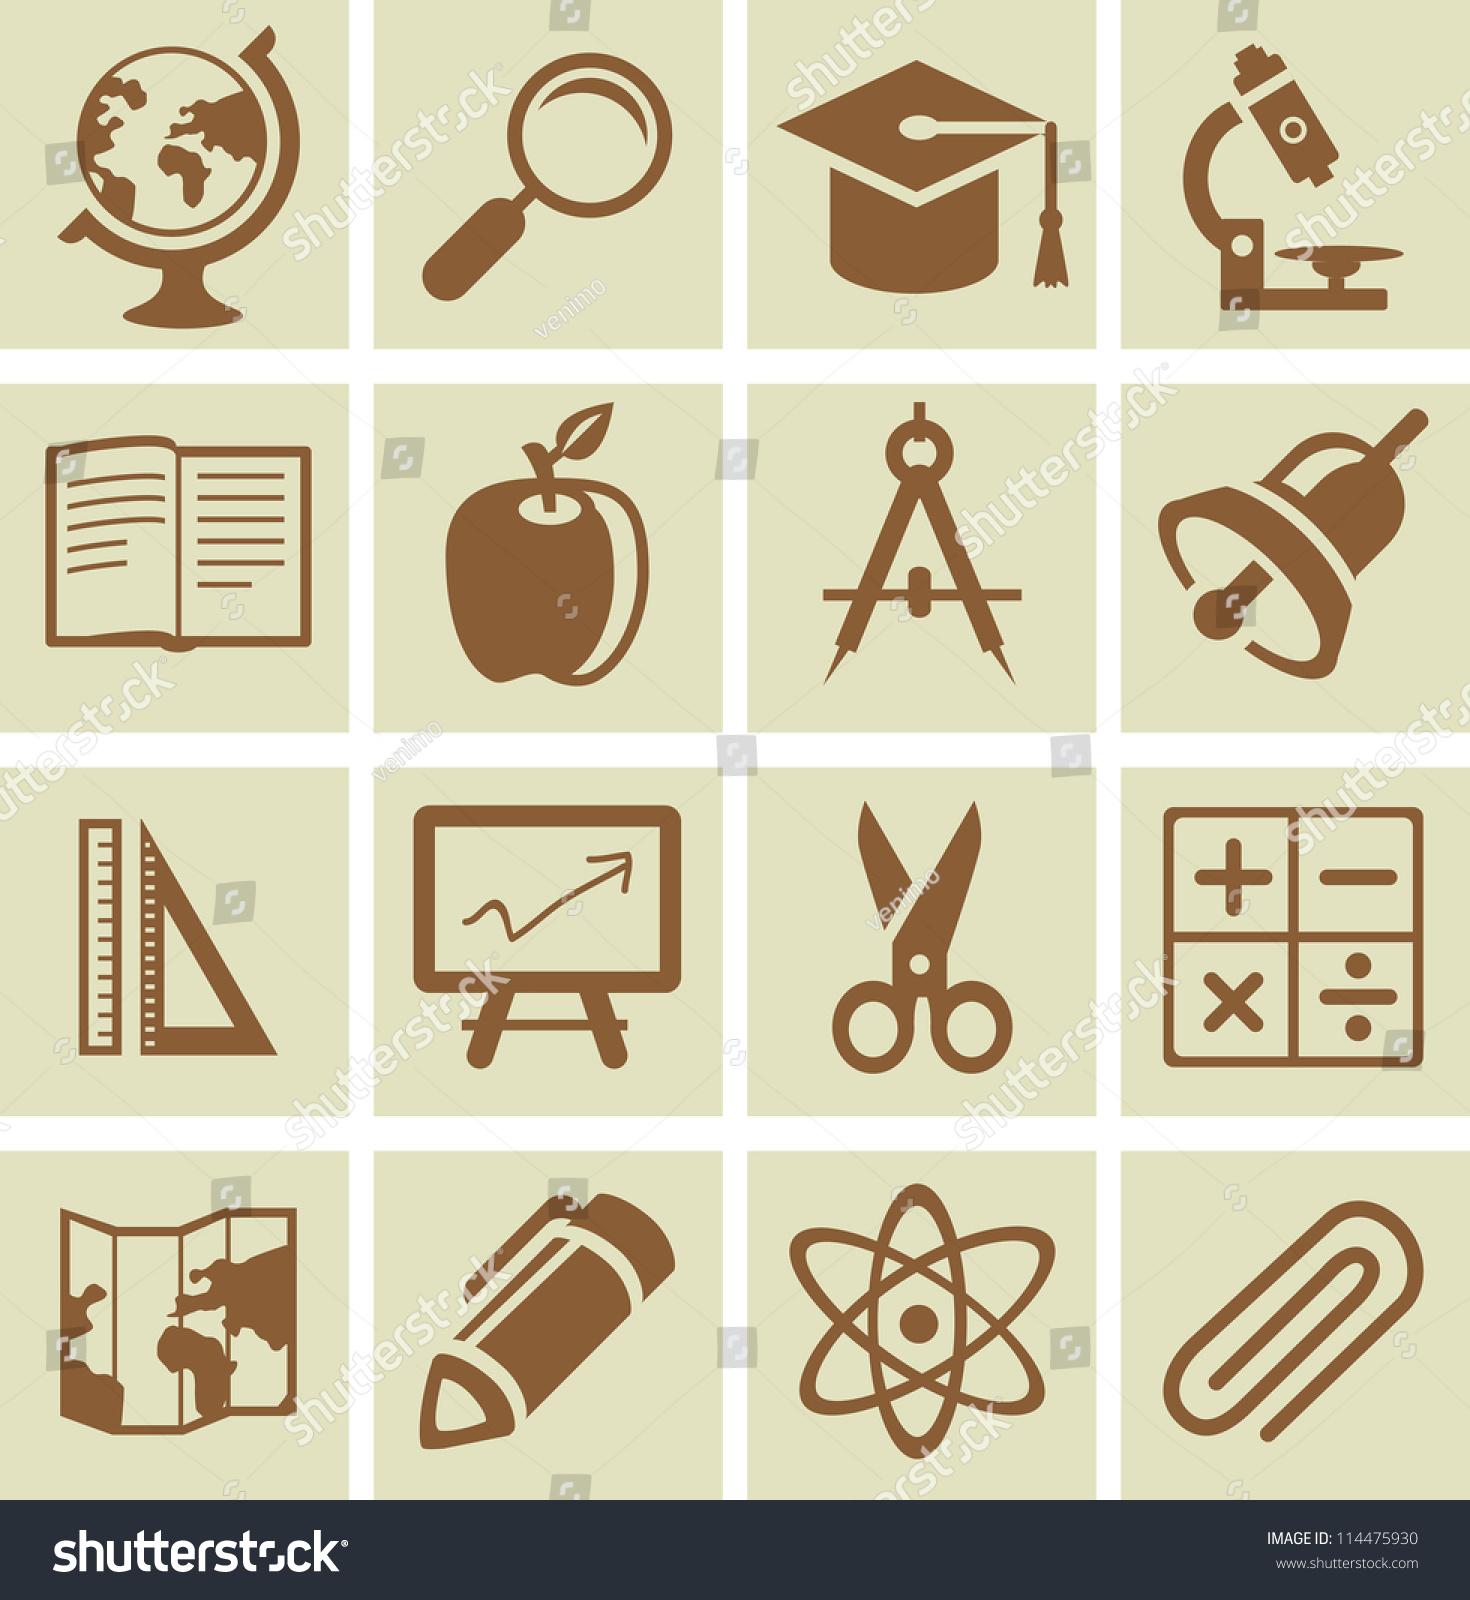 矢量设计元素为学校和大学,图标的集合-教育,符号/-()